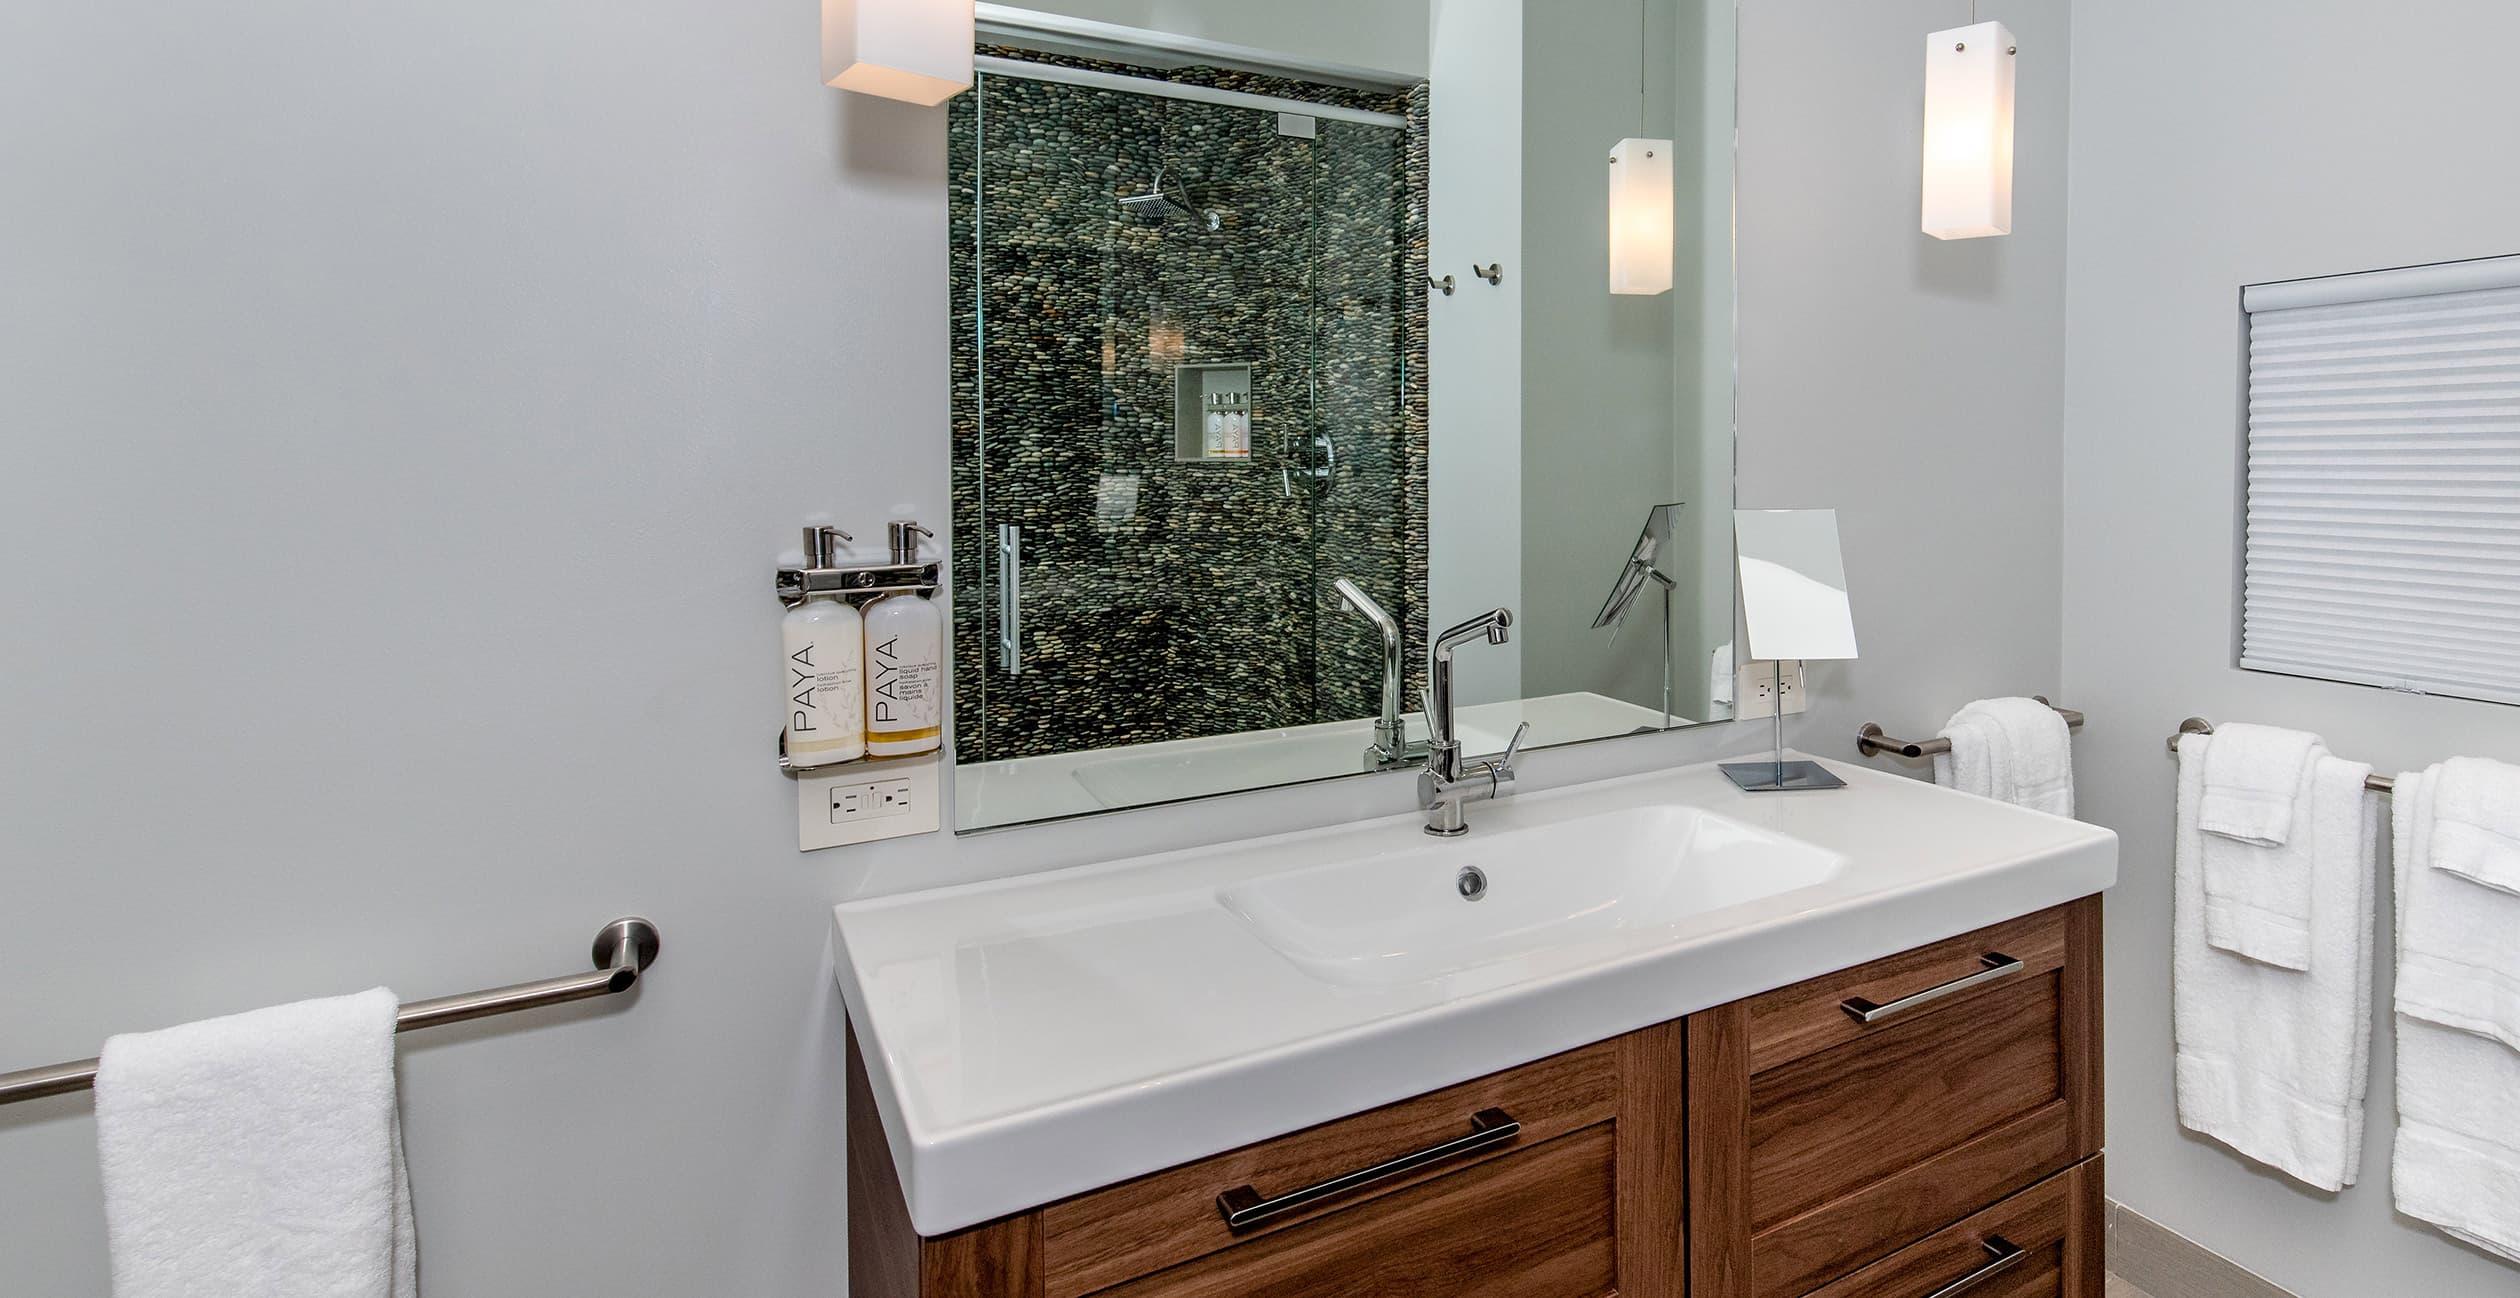 Sunset House bathroom